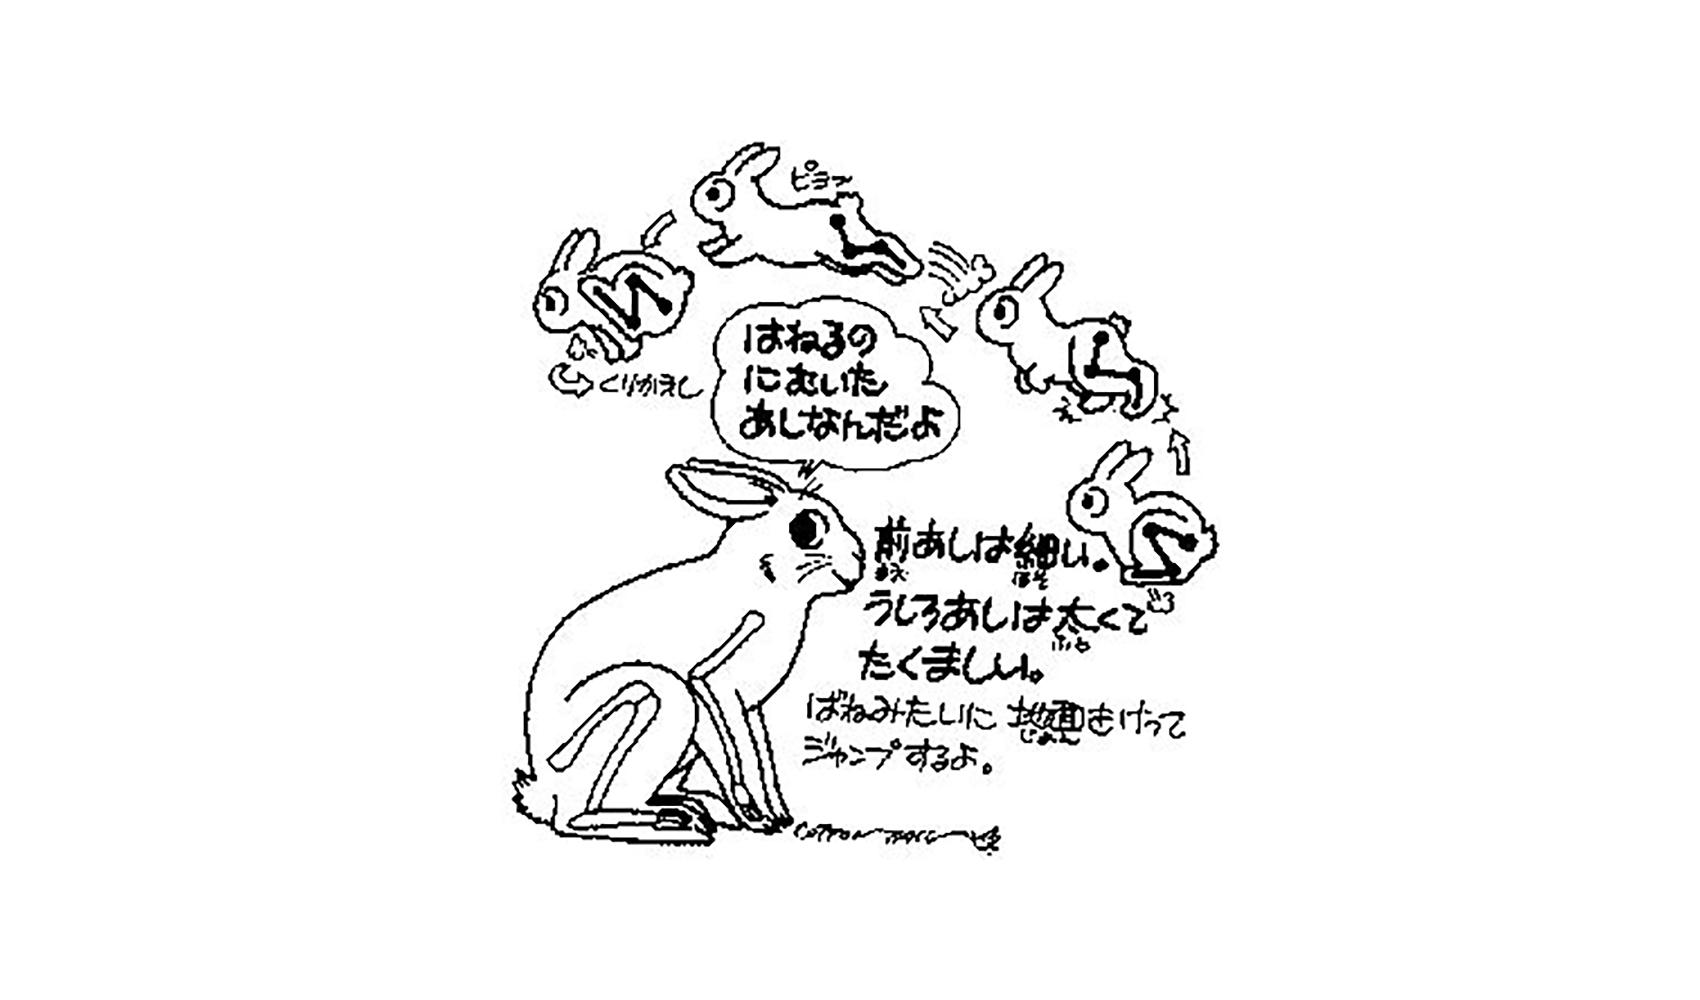 ウサギはなぜはねるの | 陸の動物 | 科学なぜなぜ110番 | 科学 | 学研 ...